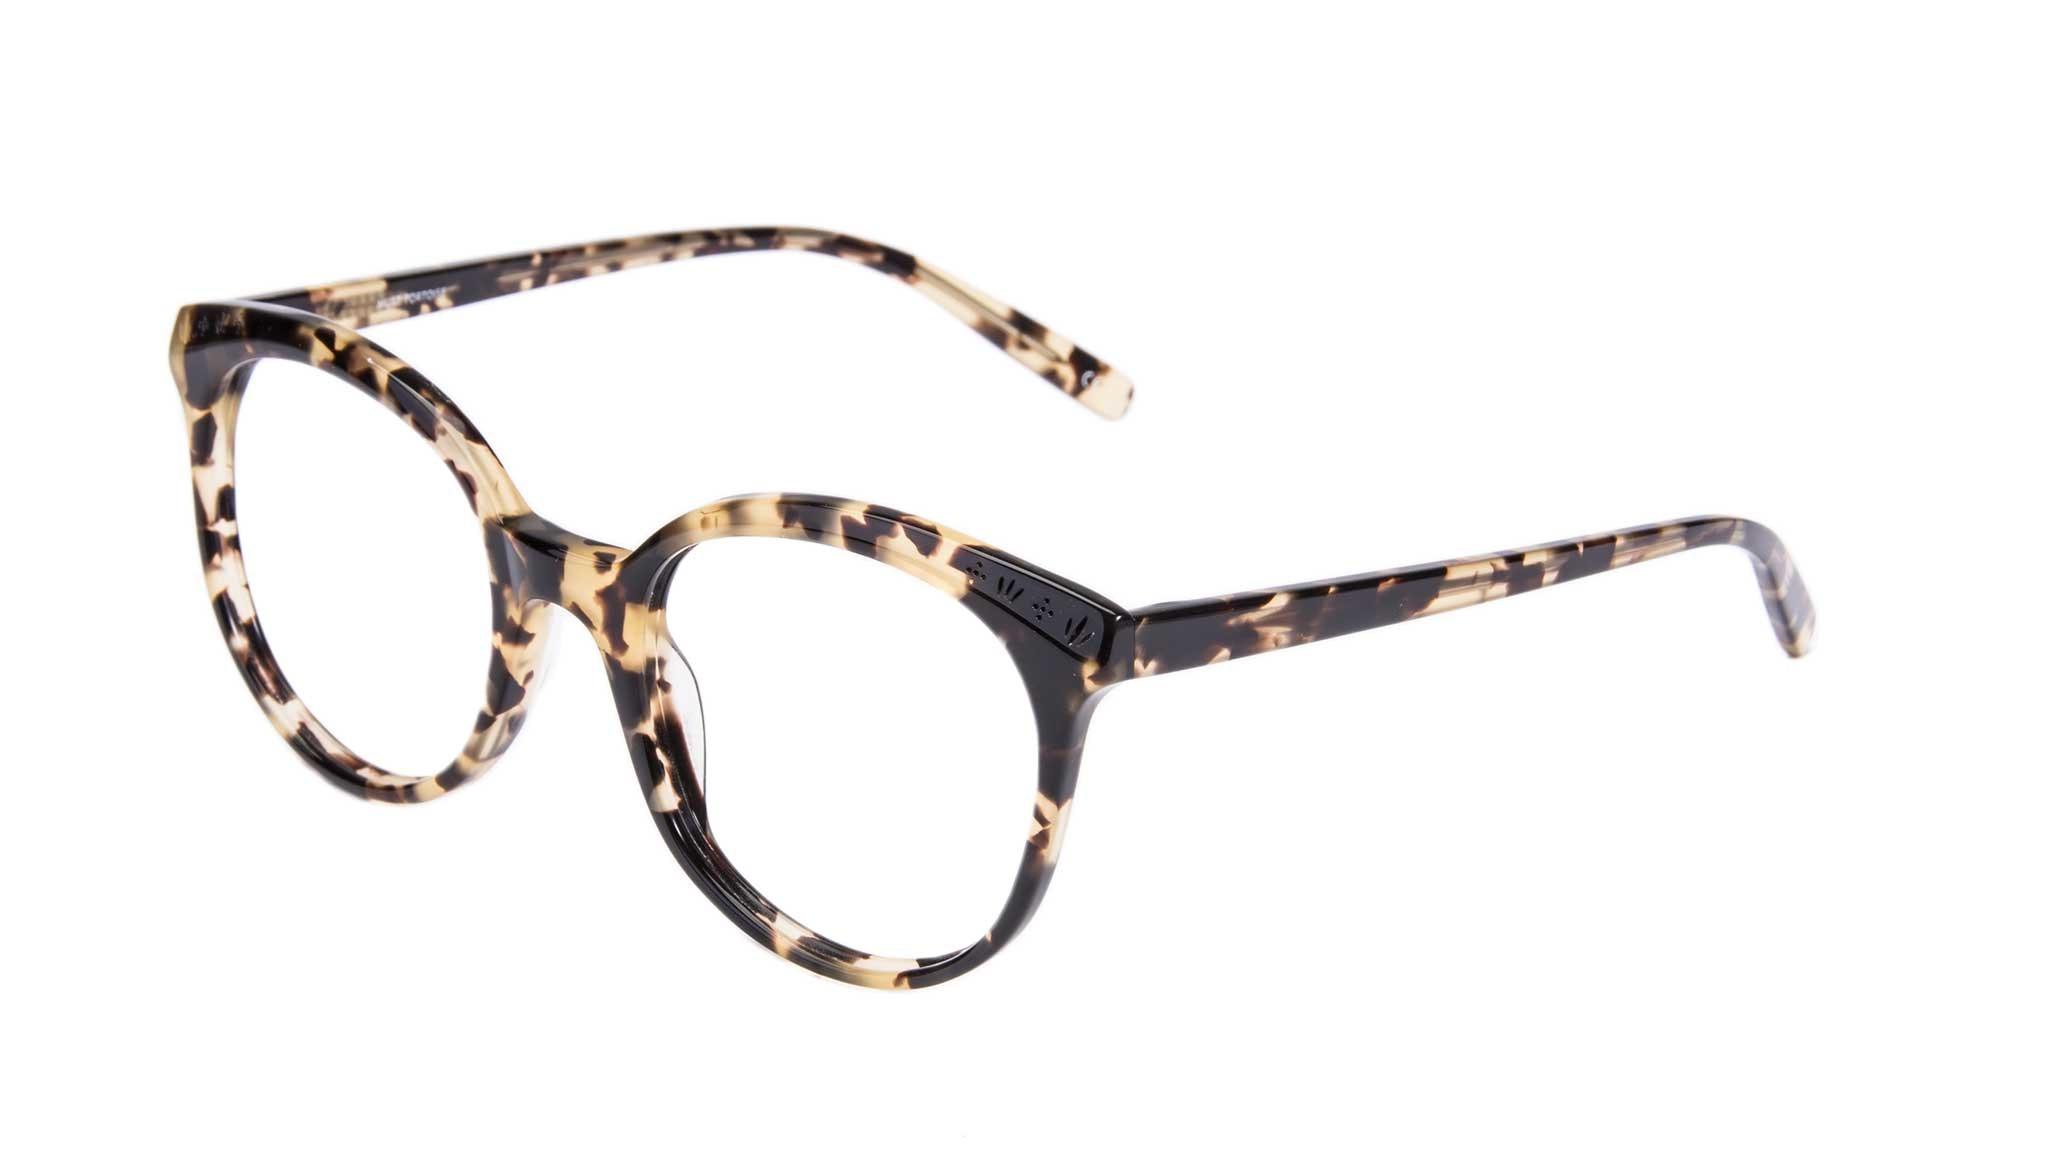 Affordable Fashion Glasses Round Eyeglasses Women Must Tortoise Tilt